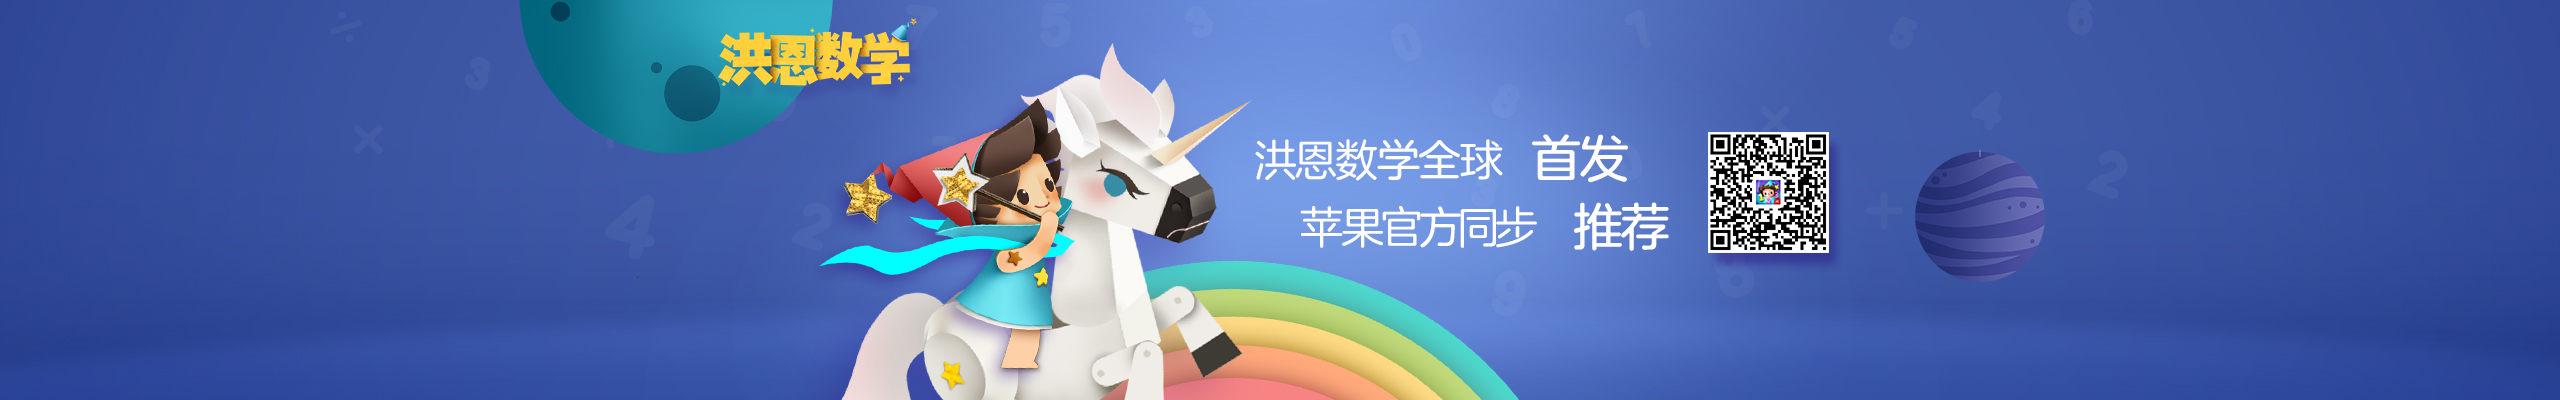 洪恩数学 app